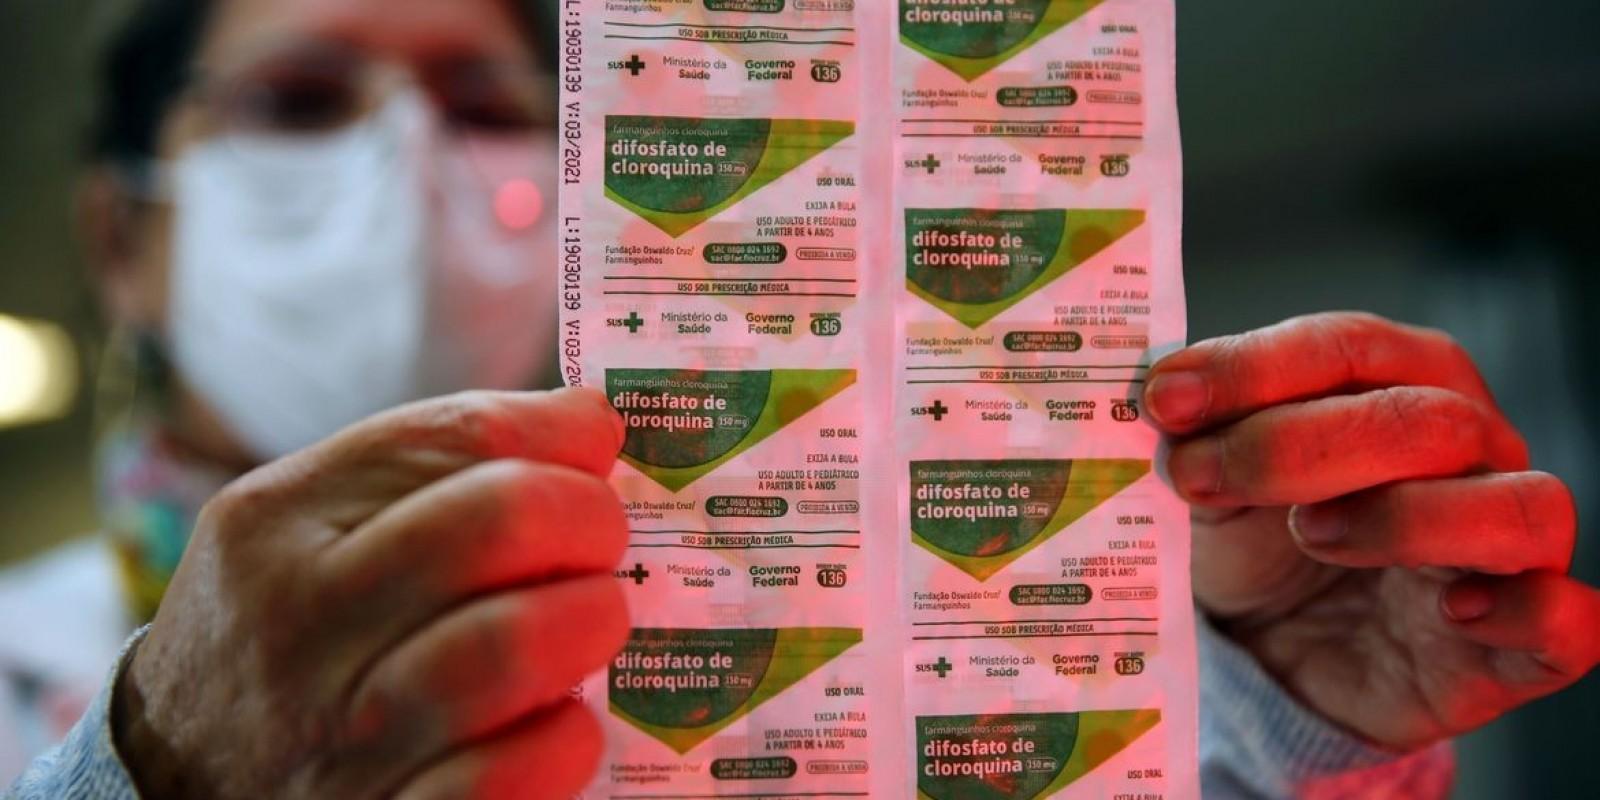 França suspende hidroxicloroquina como tratamento para covid-19